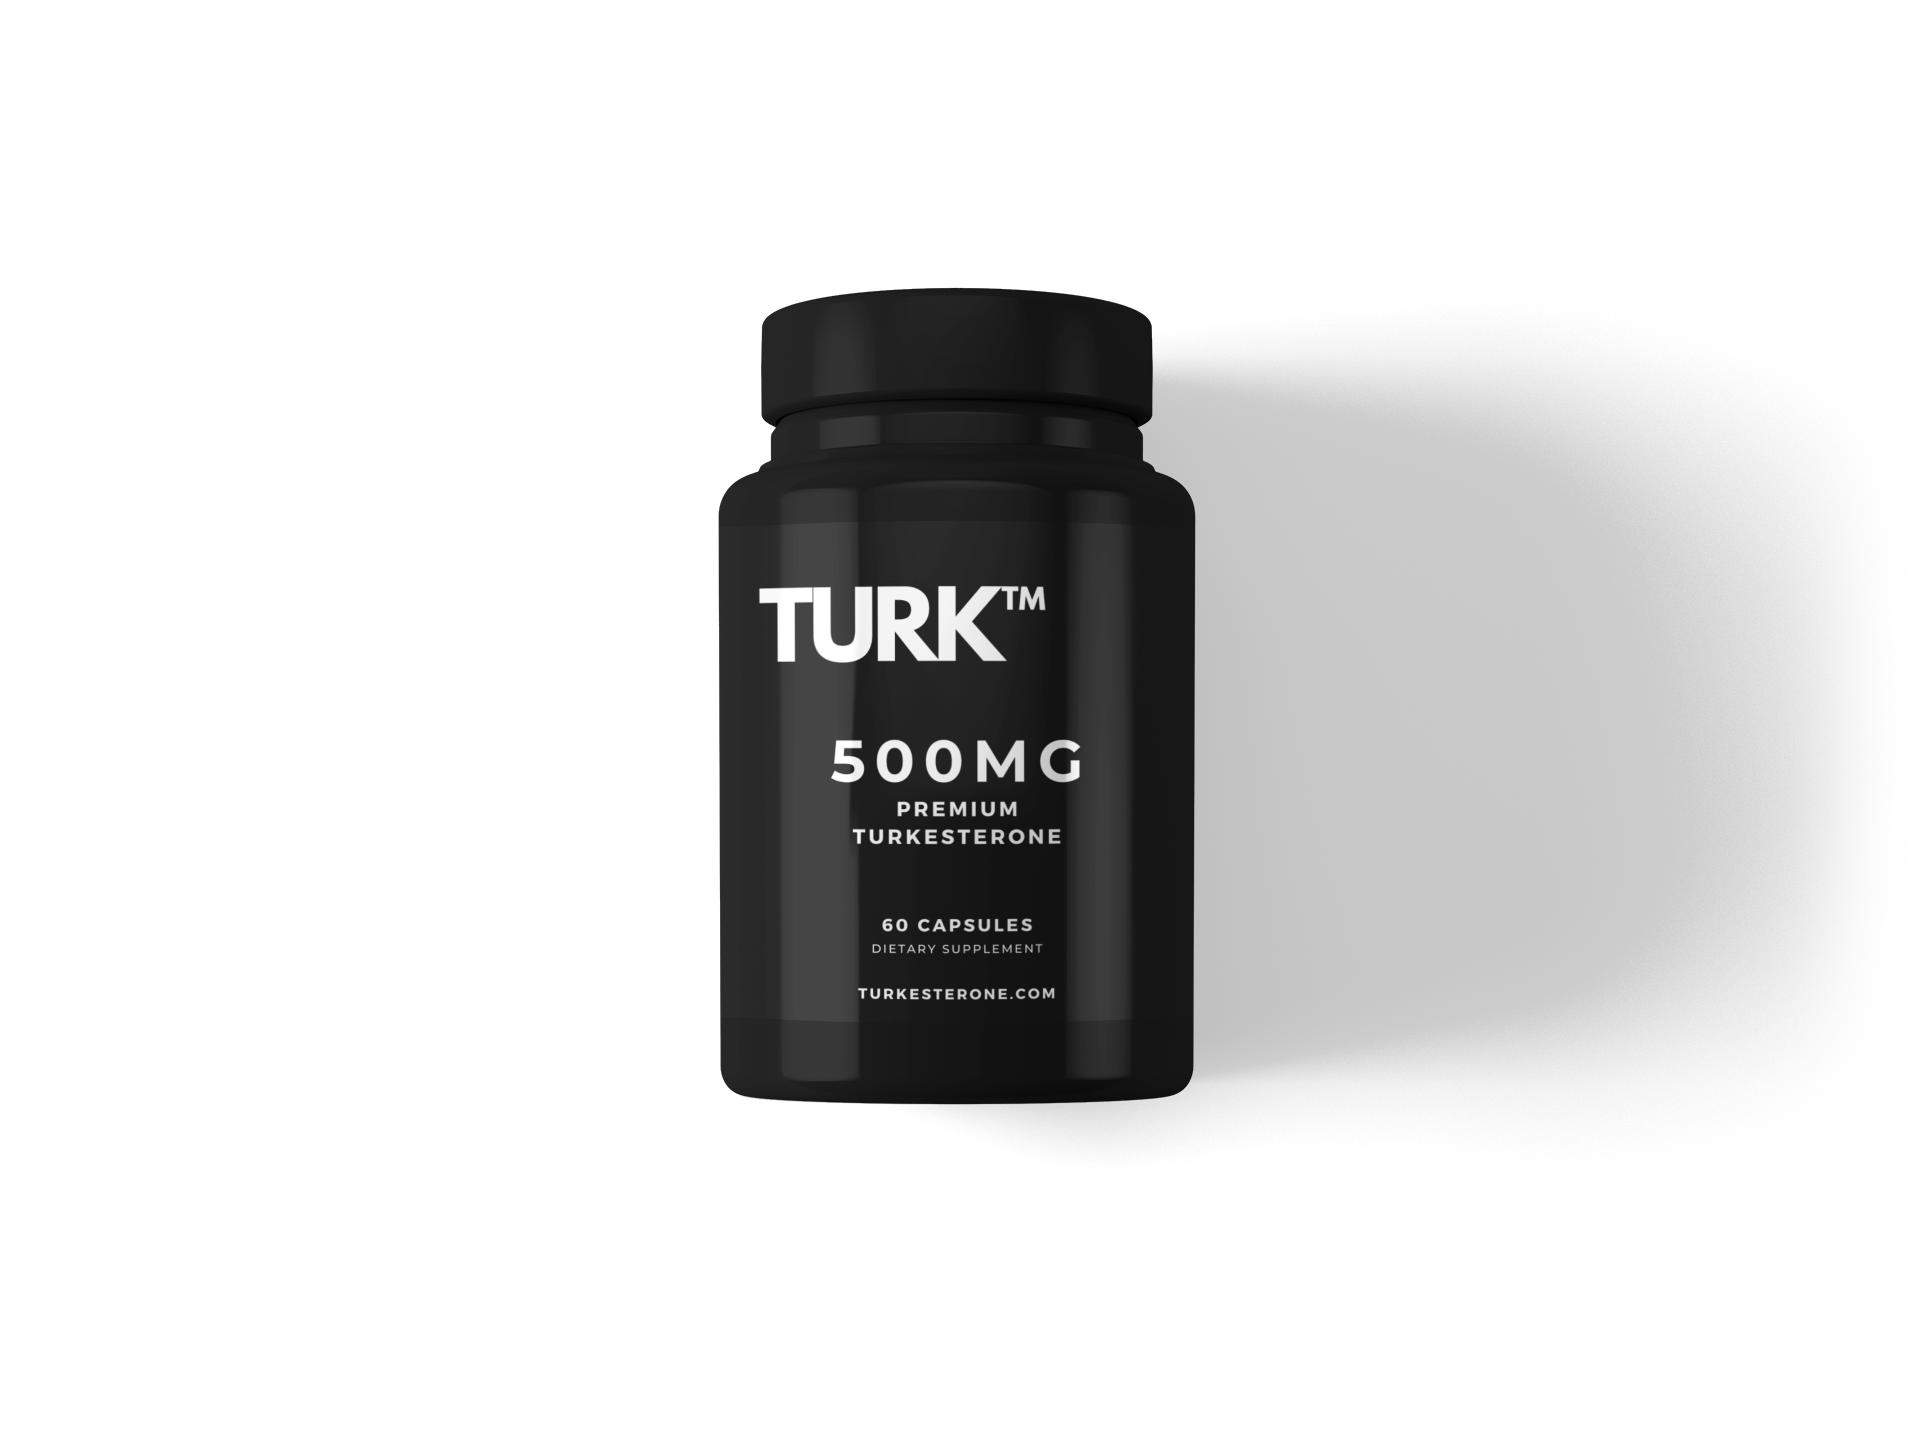 turk-turkesterone-turkesteronecom